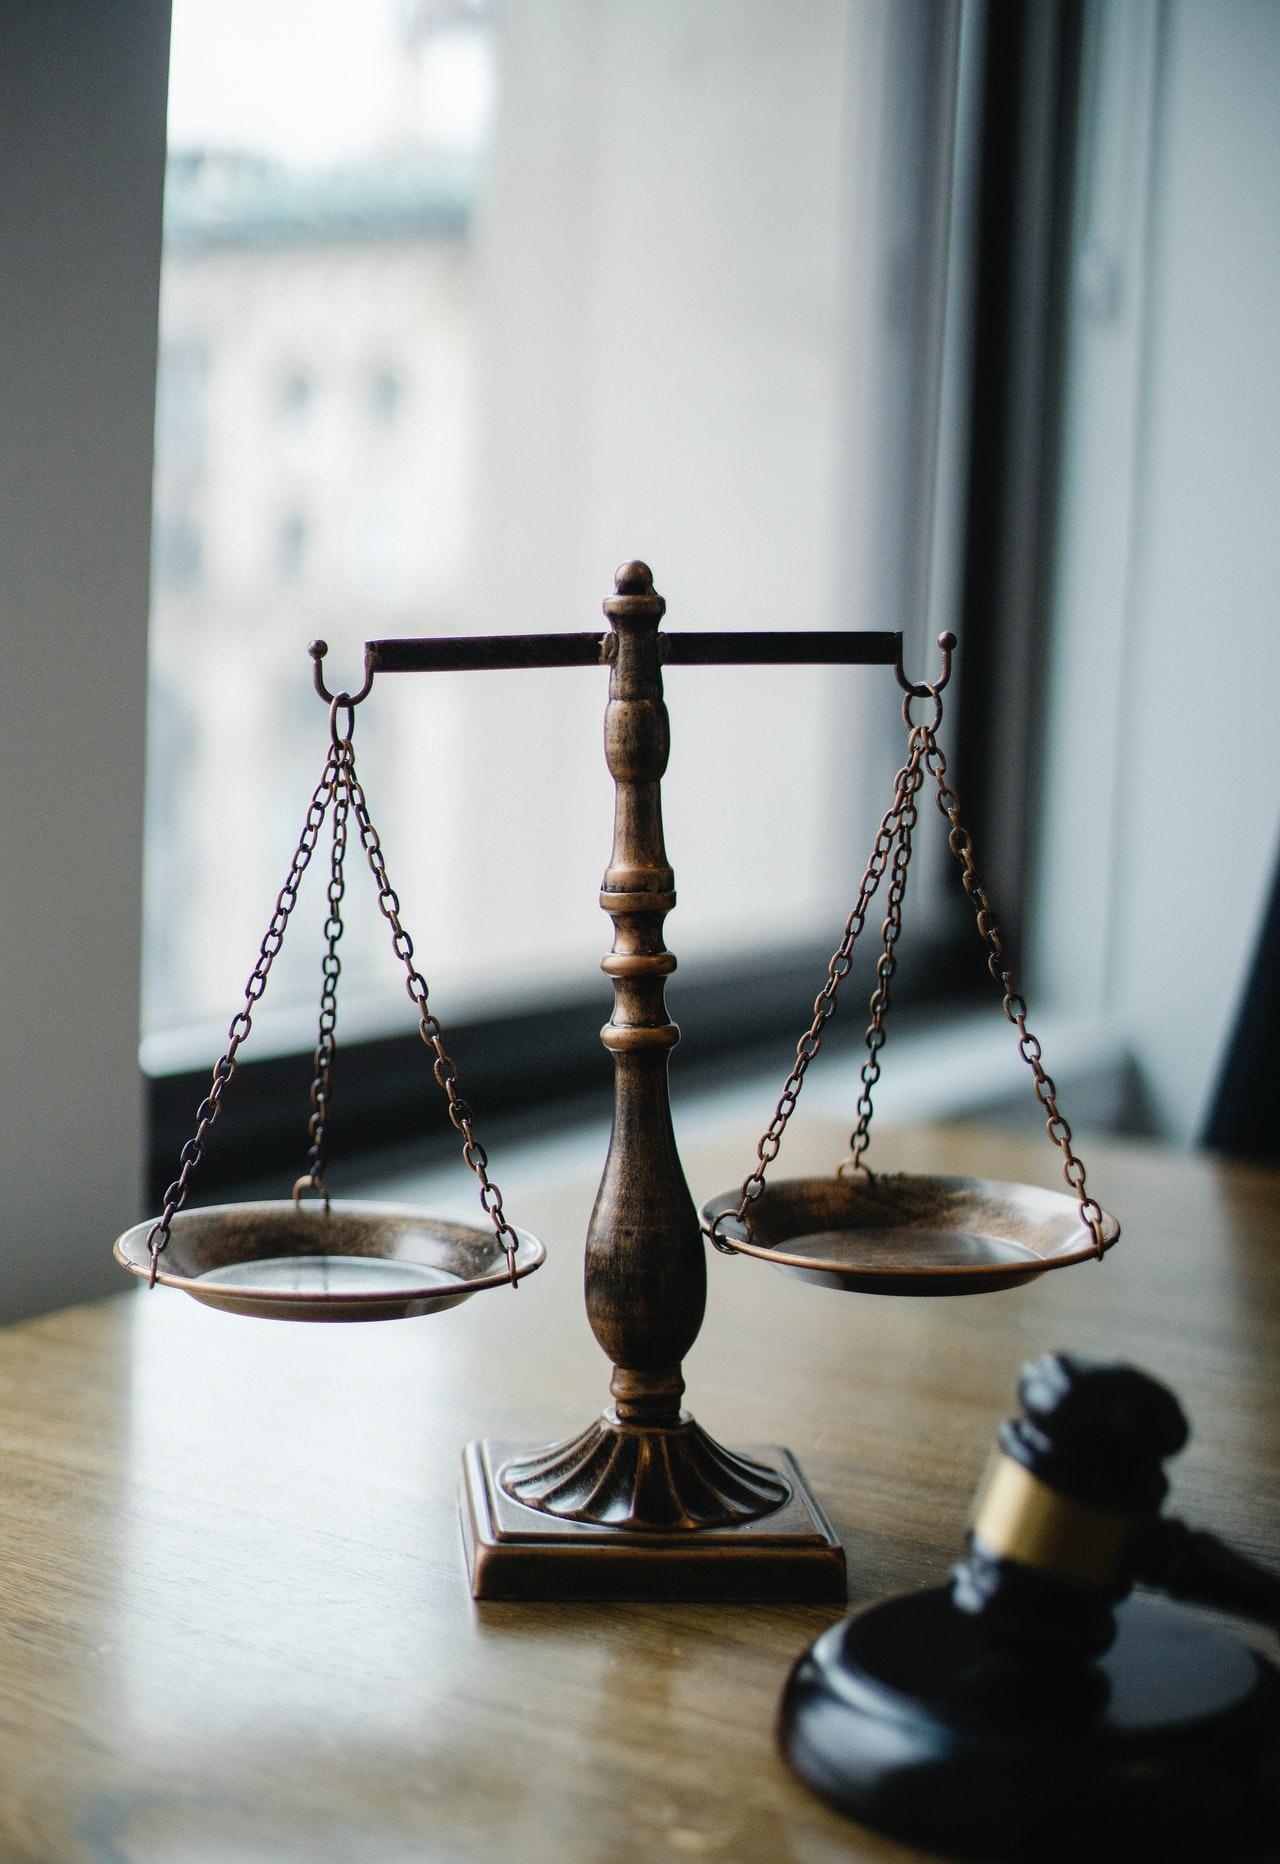 KE wszczyna postępowanie sądowe przeciwko Węgrom i Polsce w związku z naruszeniem praw podstawowych osób LGBTIQ